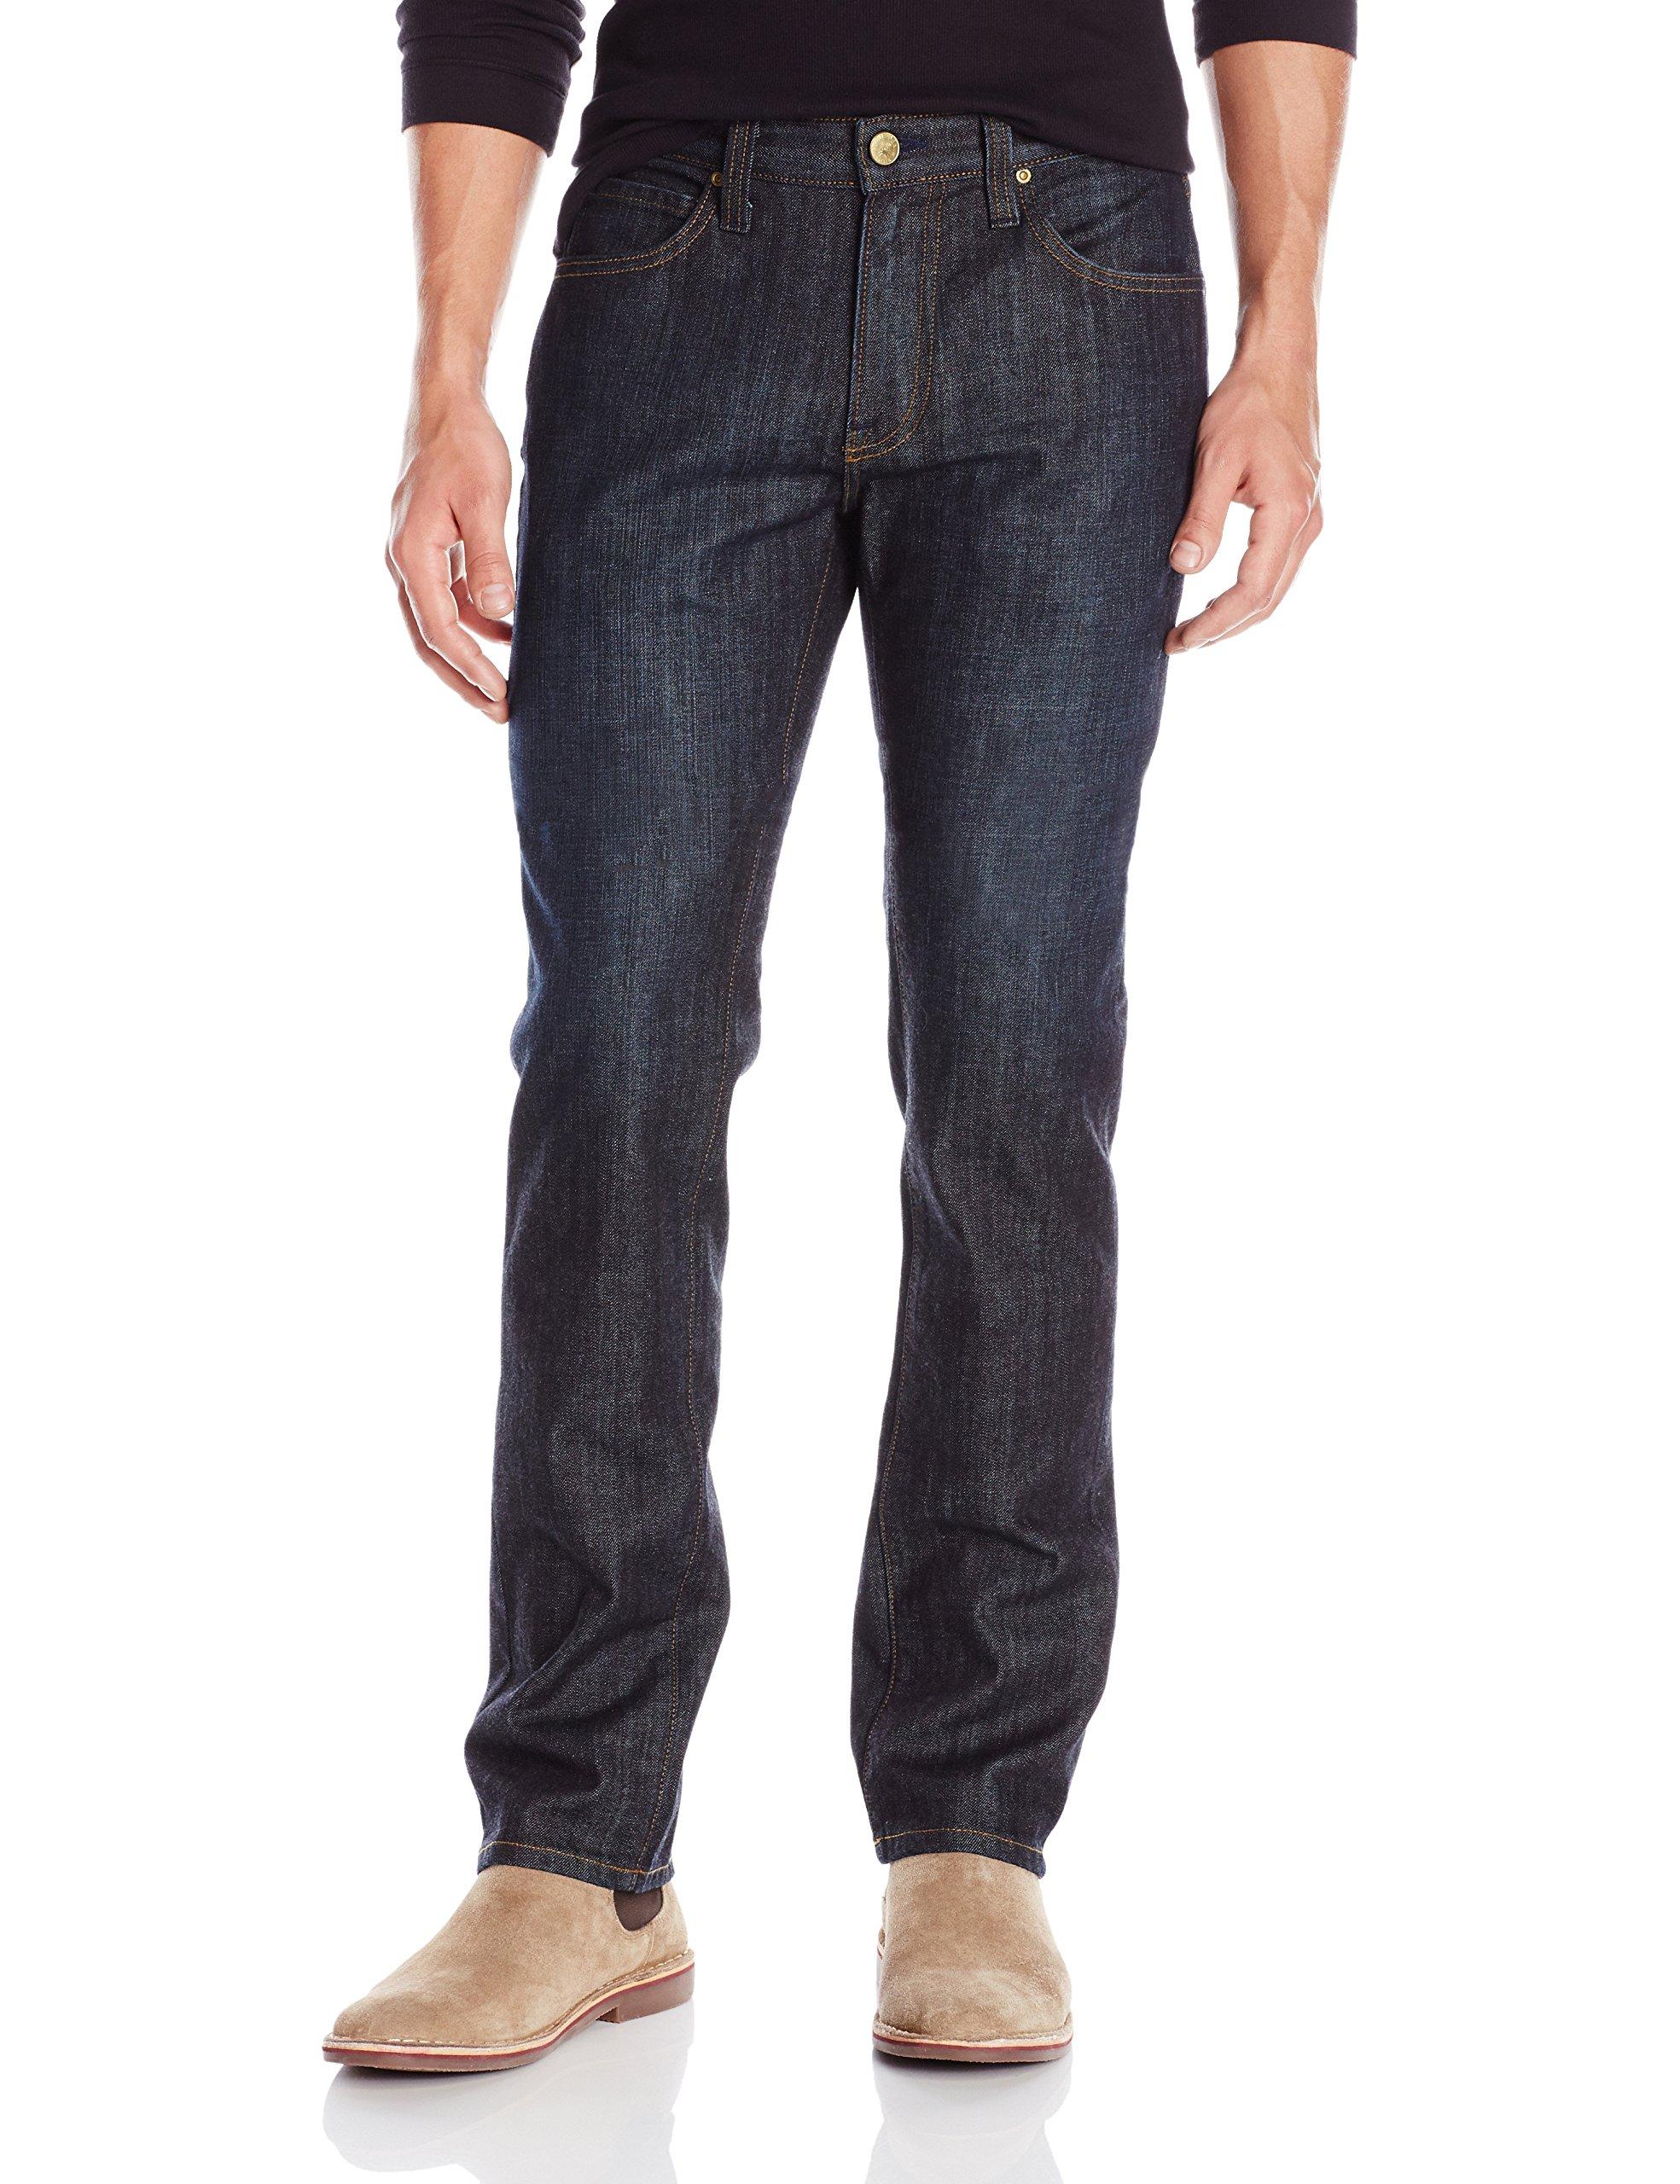 Agave Men's Rocker Slim Fit 5 Pocket Jeans In Leaucadia, Leucadia, 40